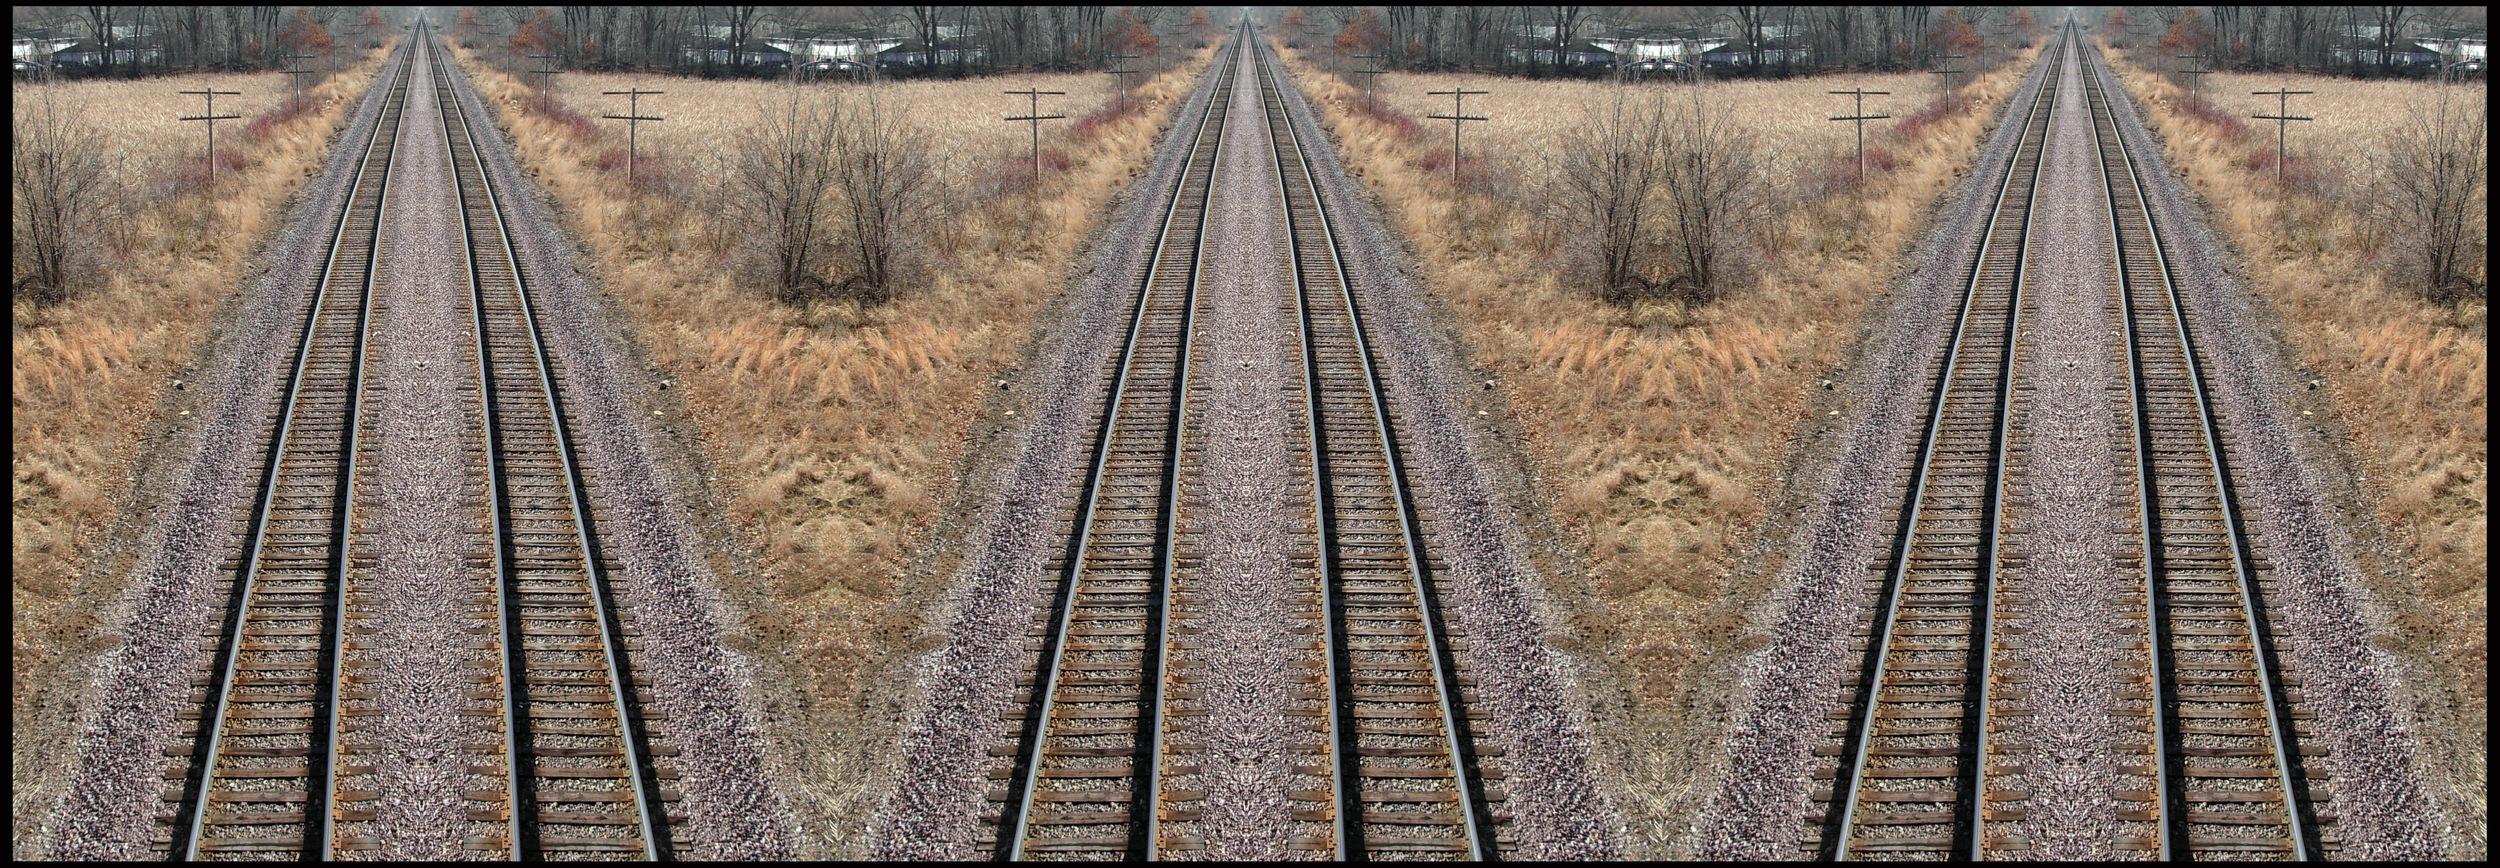 Three Tracks_edited-1.jpg